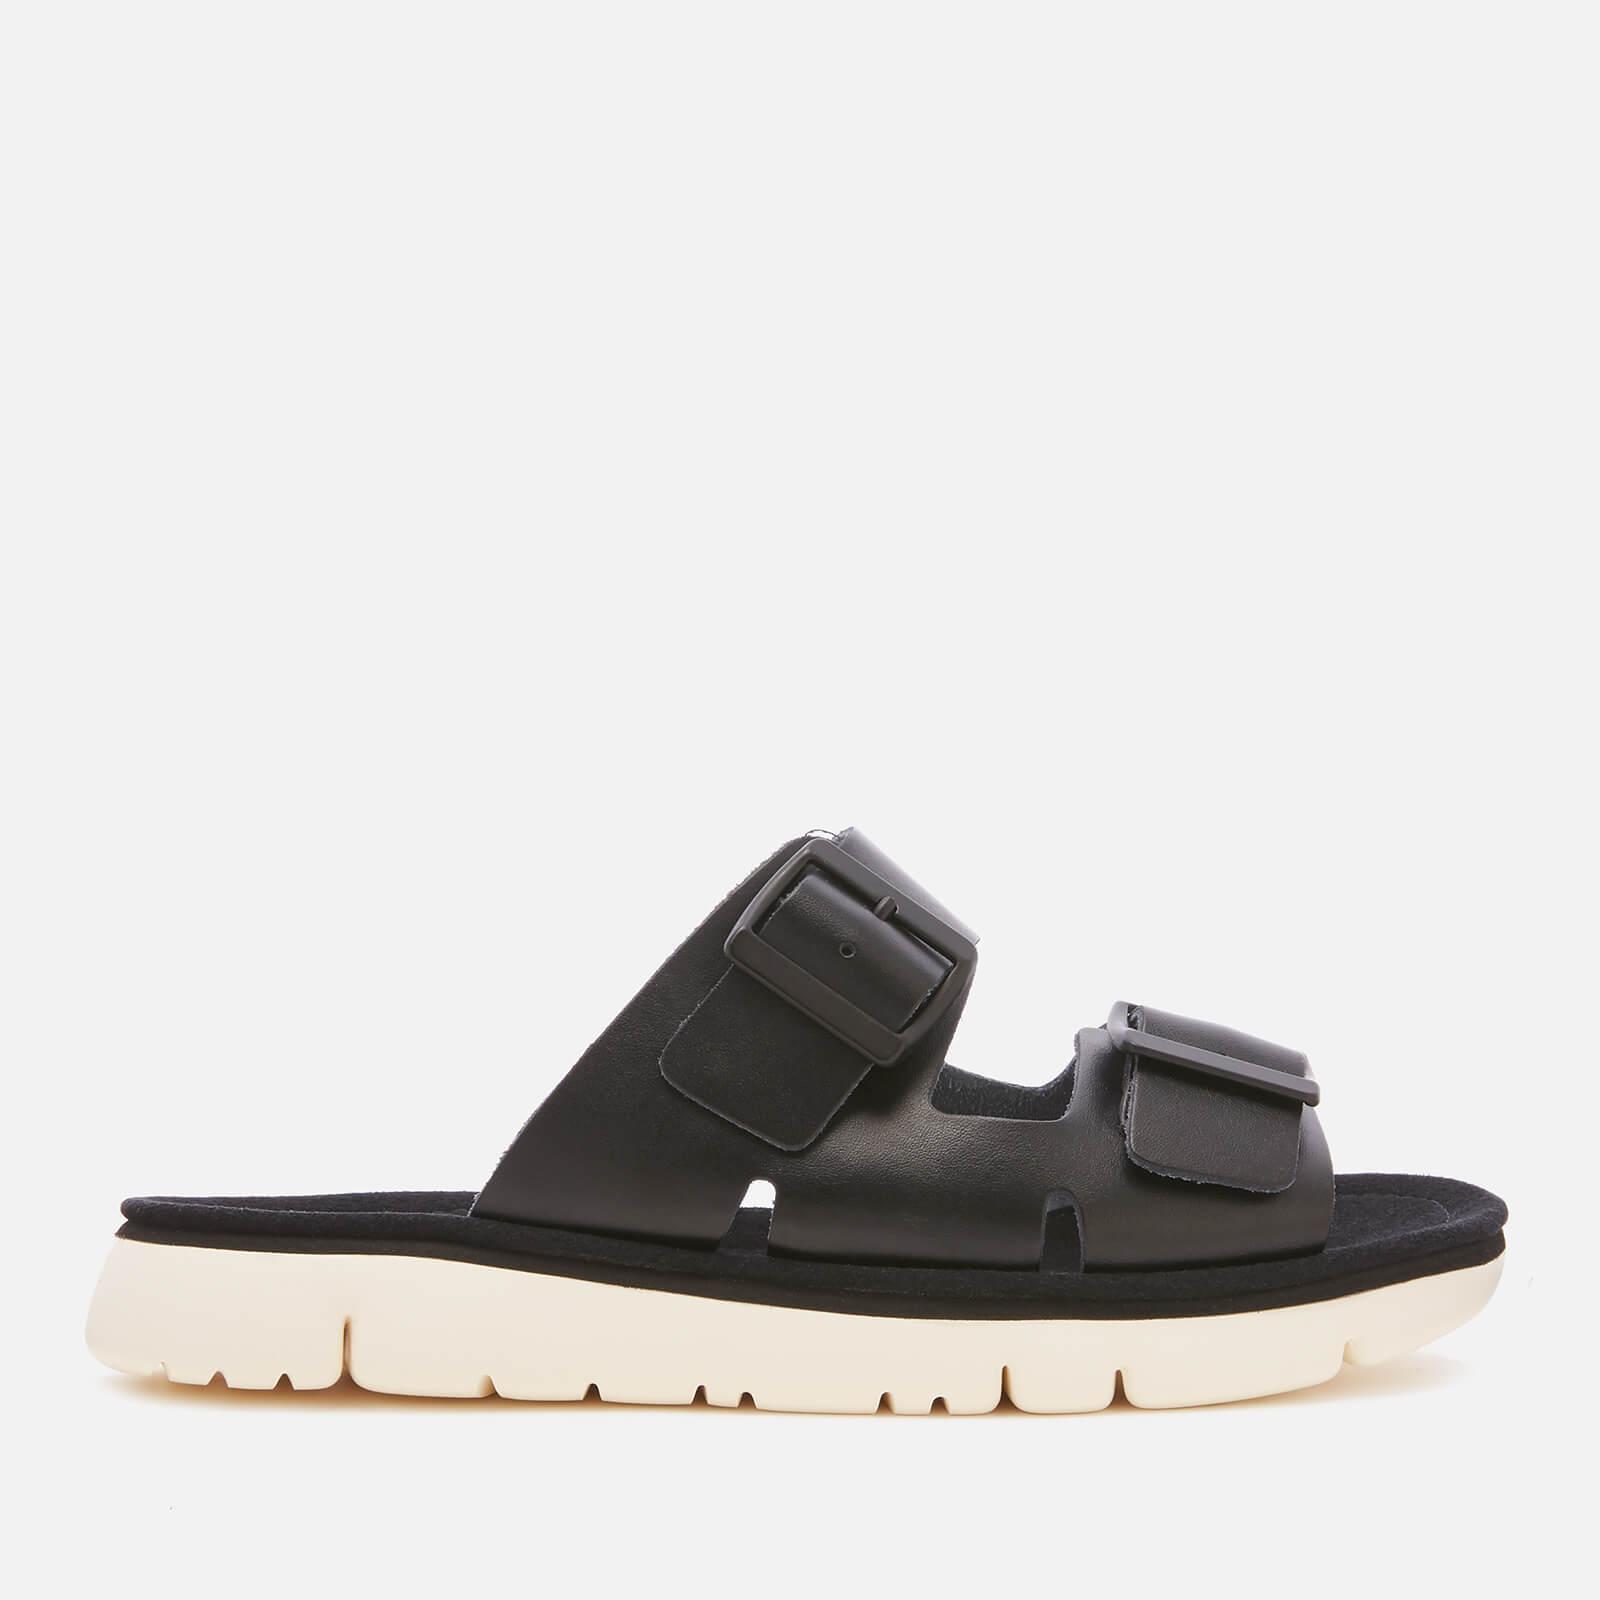 Camper Women's Oruga Double Strap Sandals - Black - UK 7 - Black